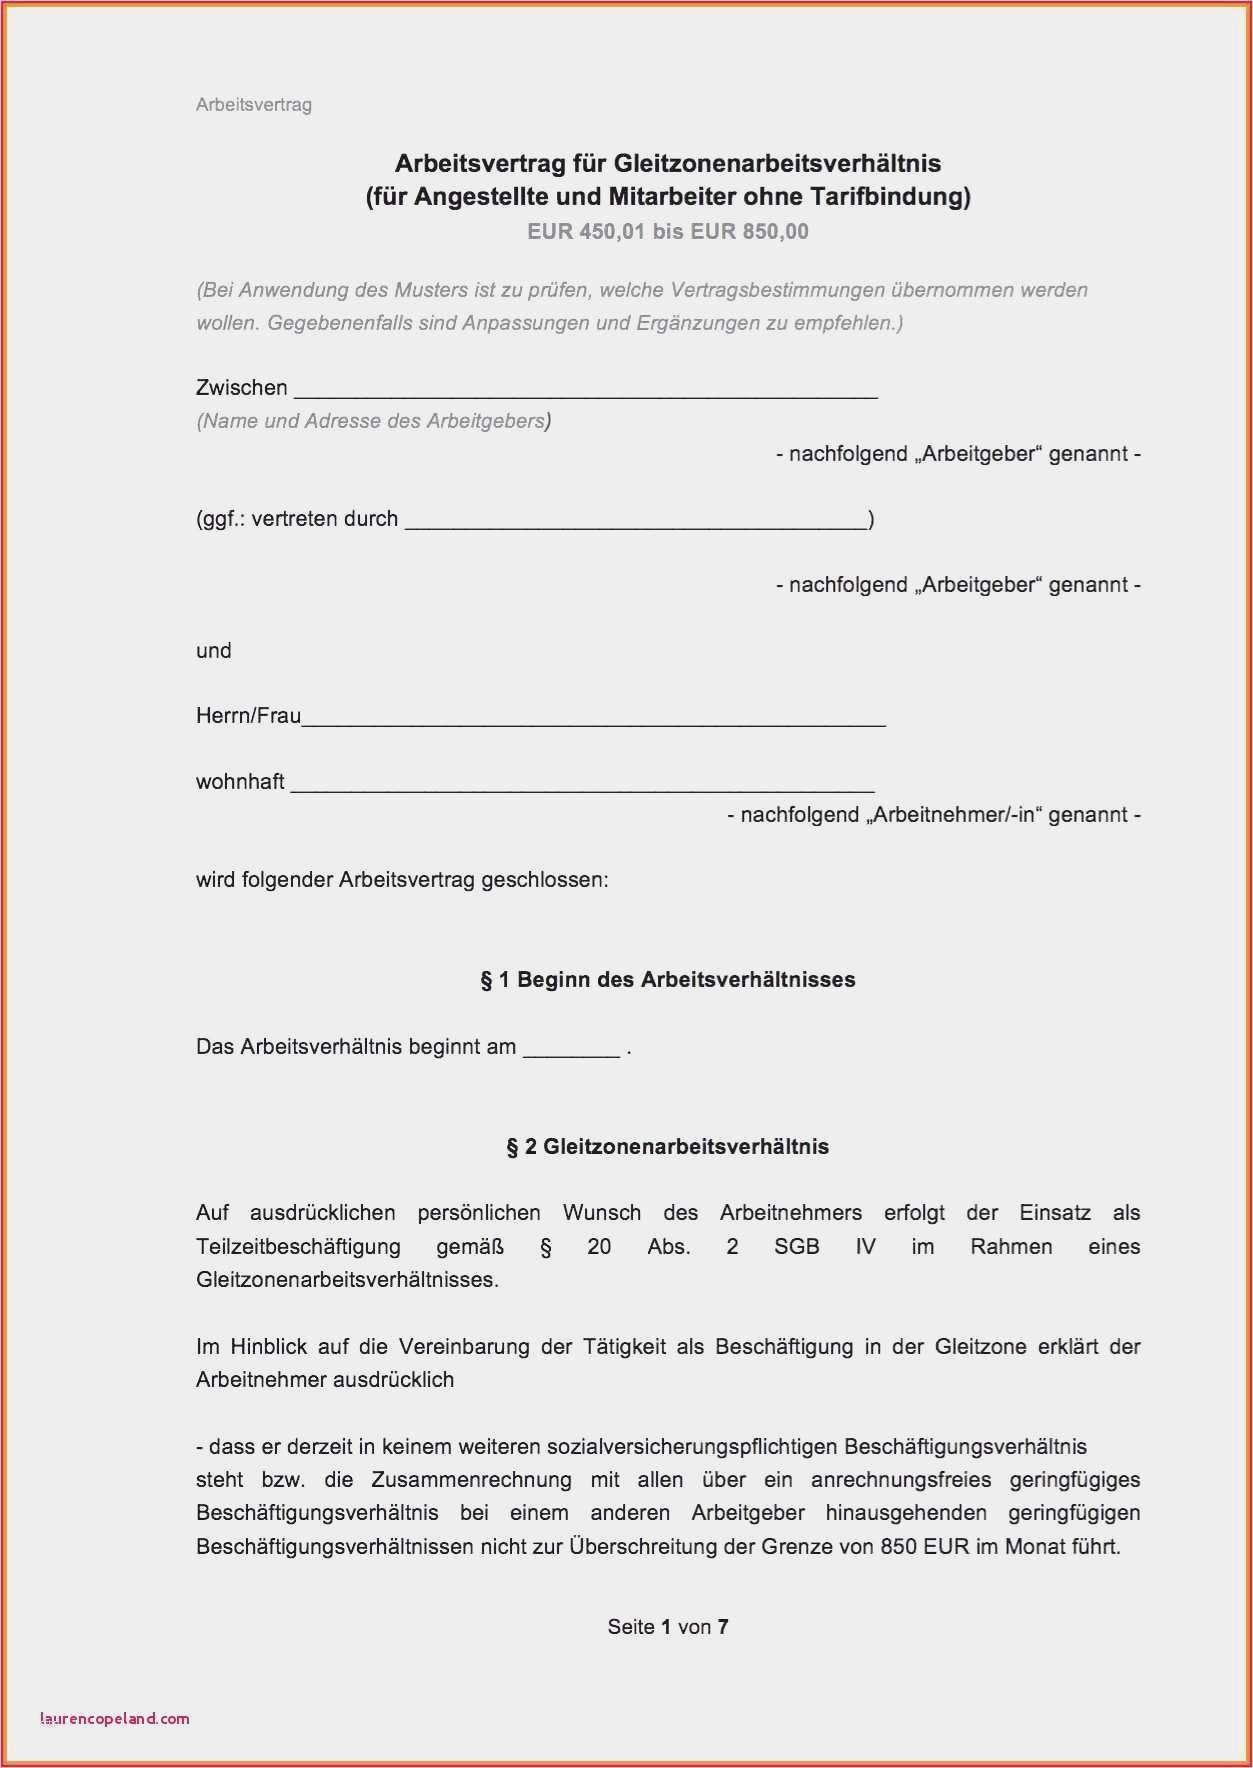 35 Schonste Kundigung Vorlage Arbeitsvertrag Bilder In 2020 Vorlagen Vorlagen Word Lebenslauf Vorlagen Word